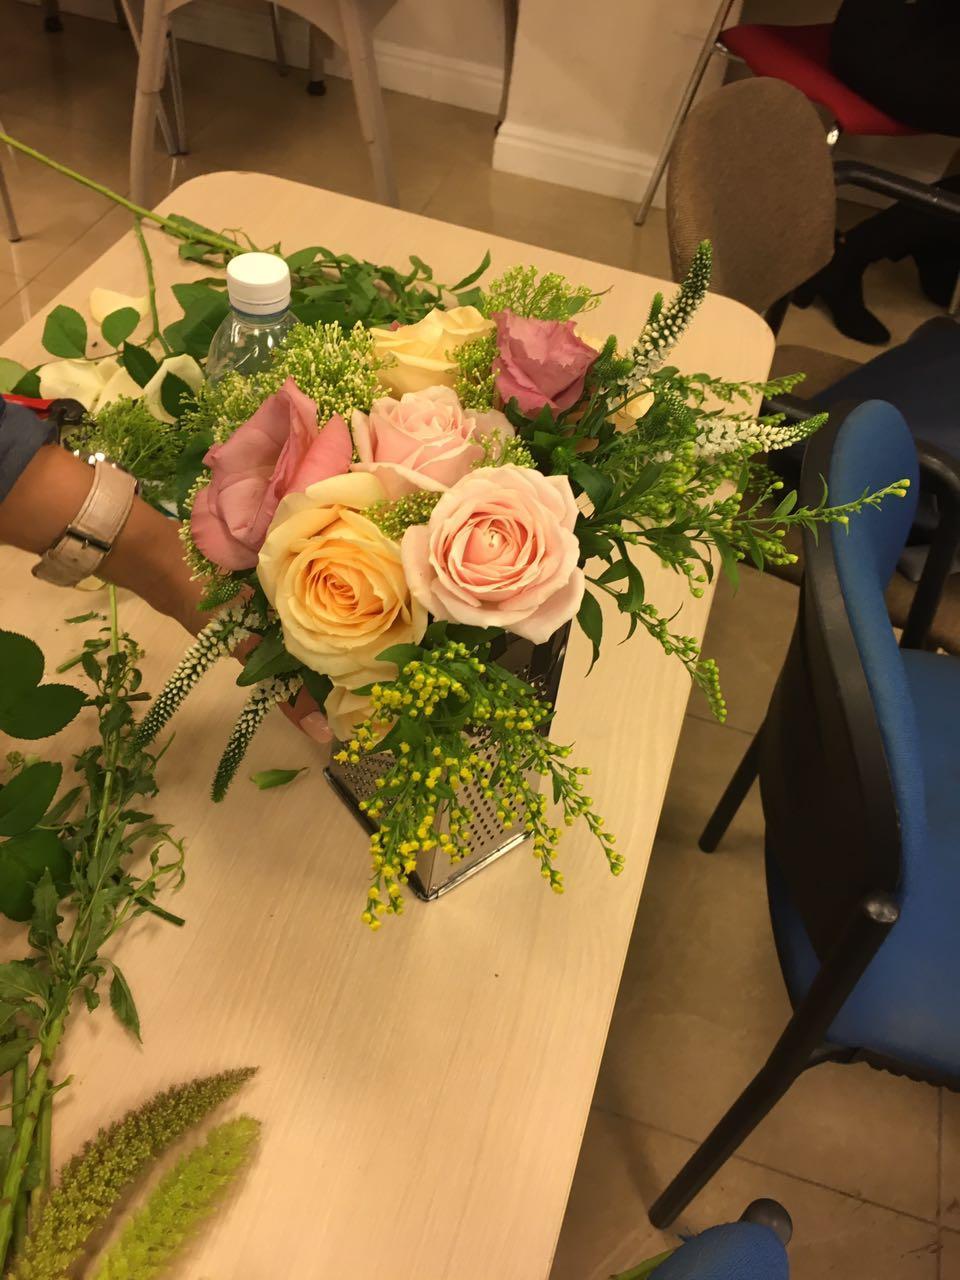 גלרייה - שזירת פרחים - קורס עיצוב ניהול והפקת אירועים מחזור 15, 3 מתוך 22